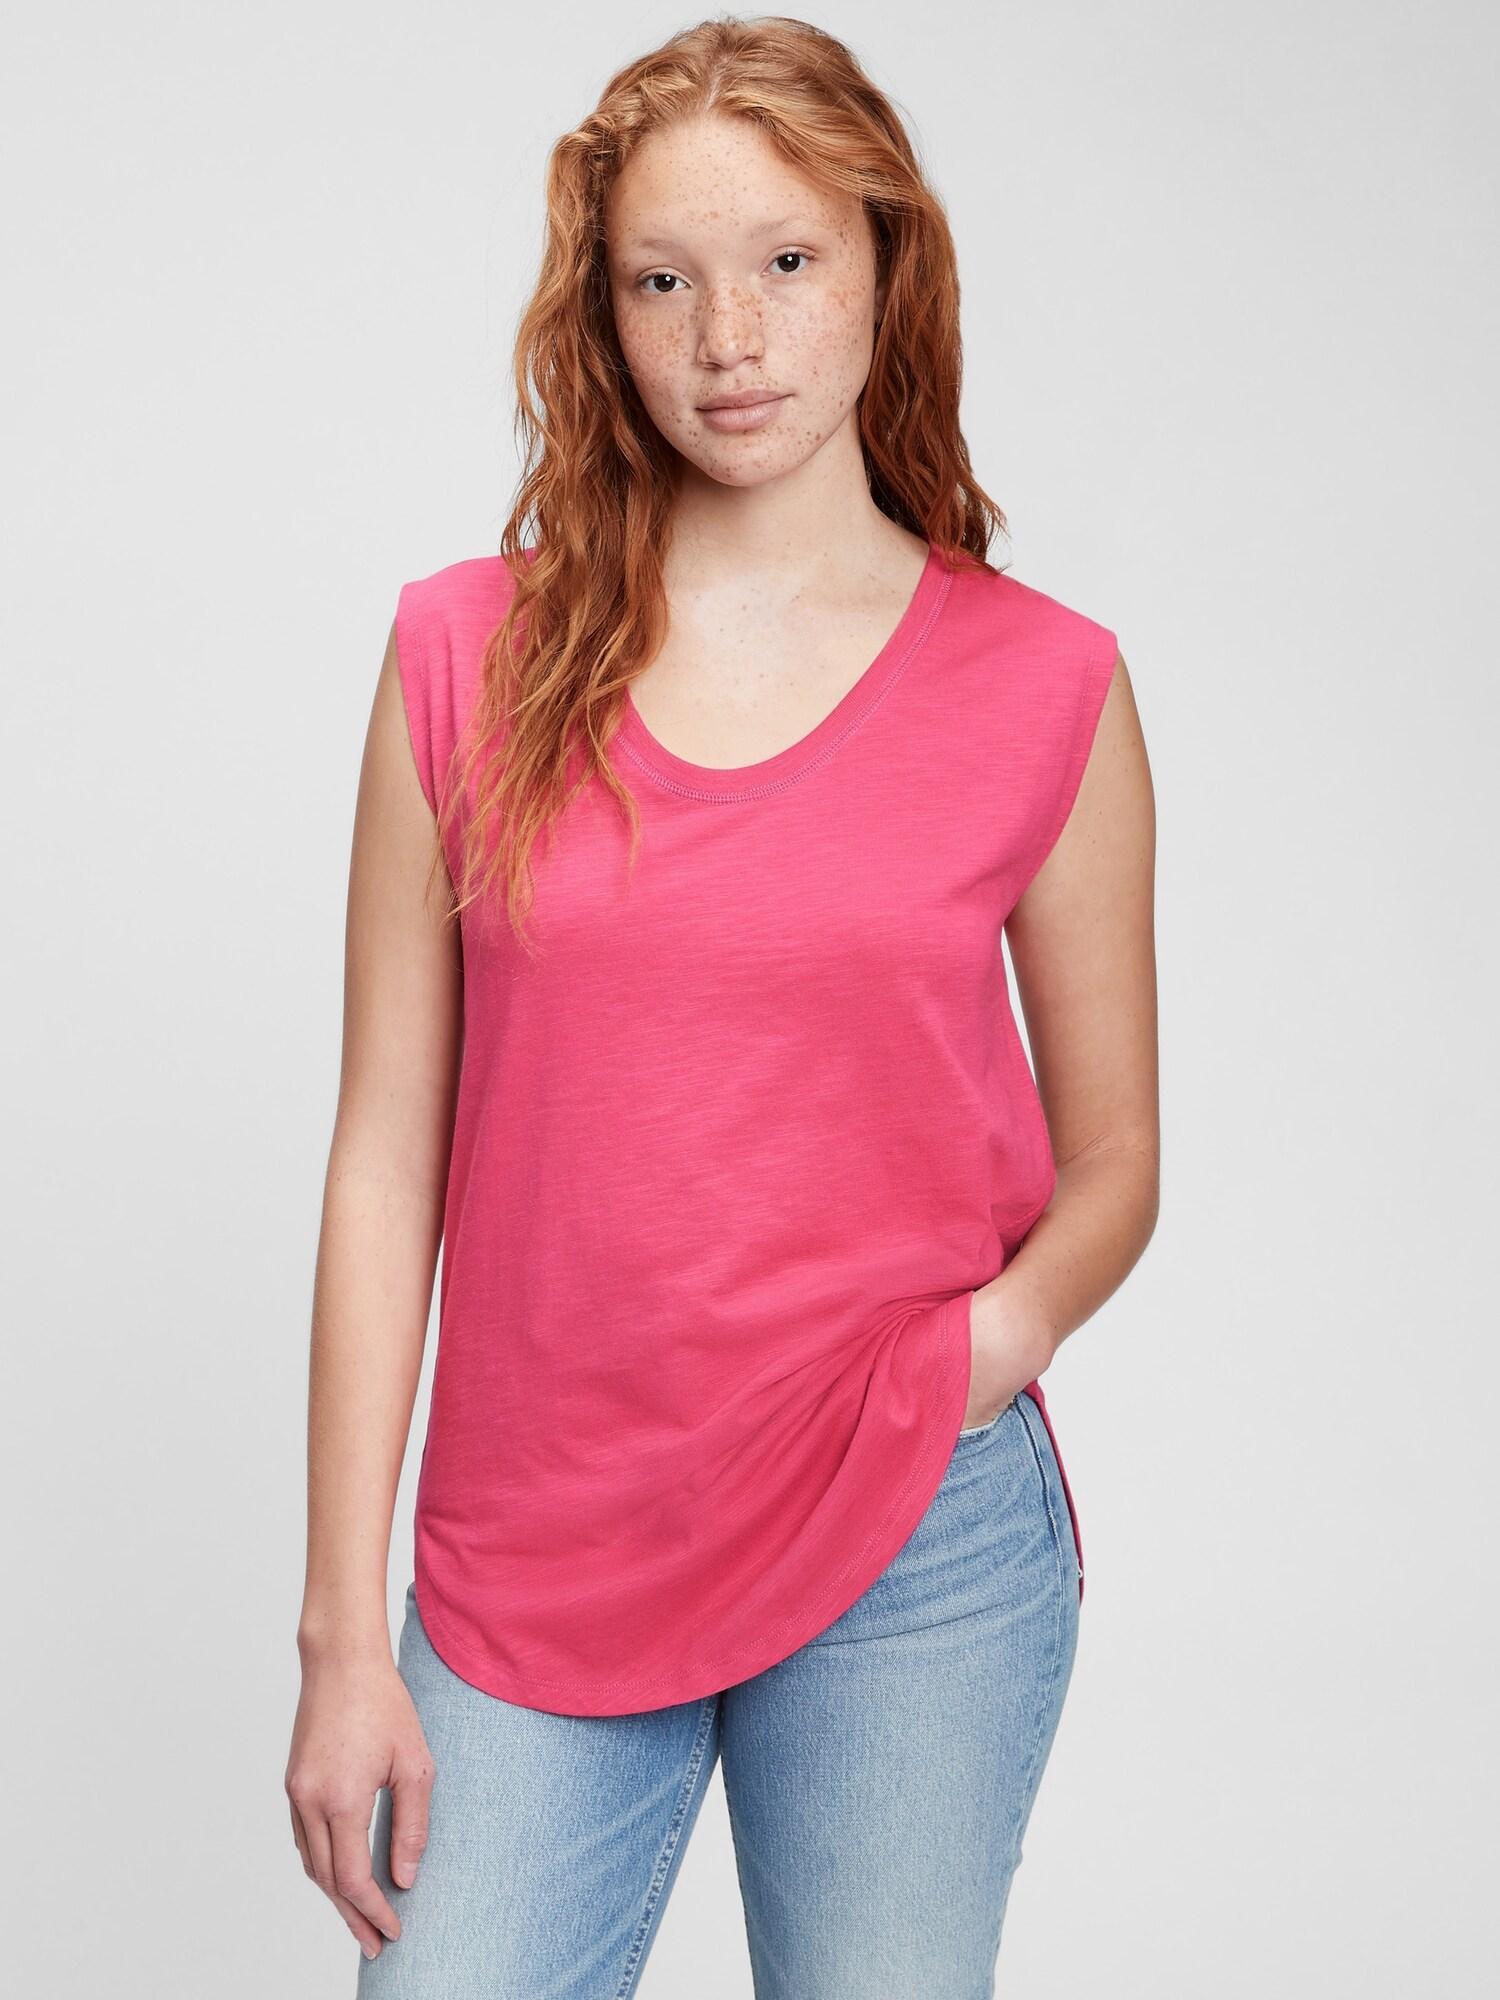 GAP Women's tops pink